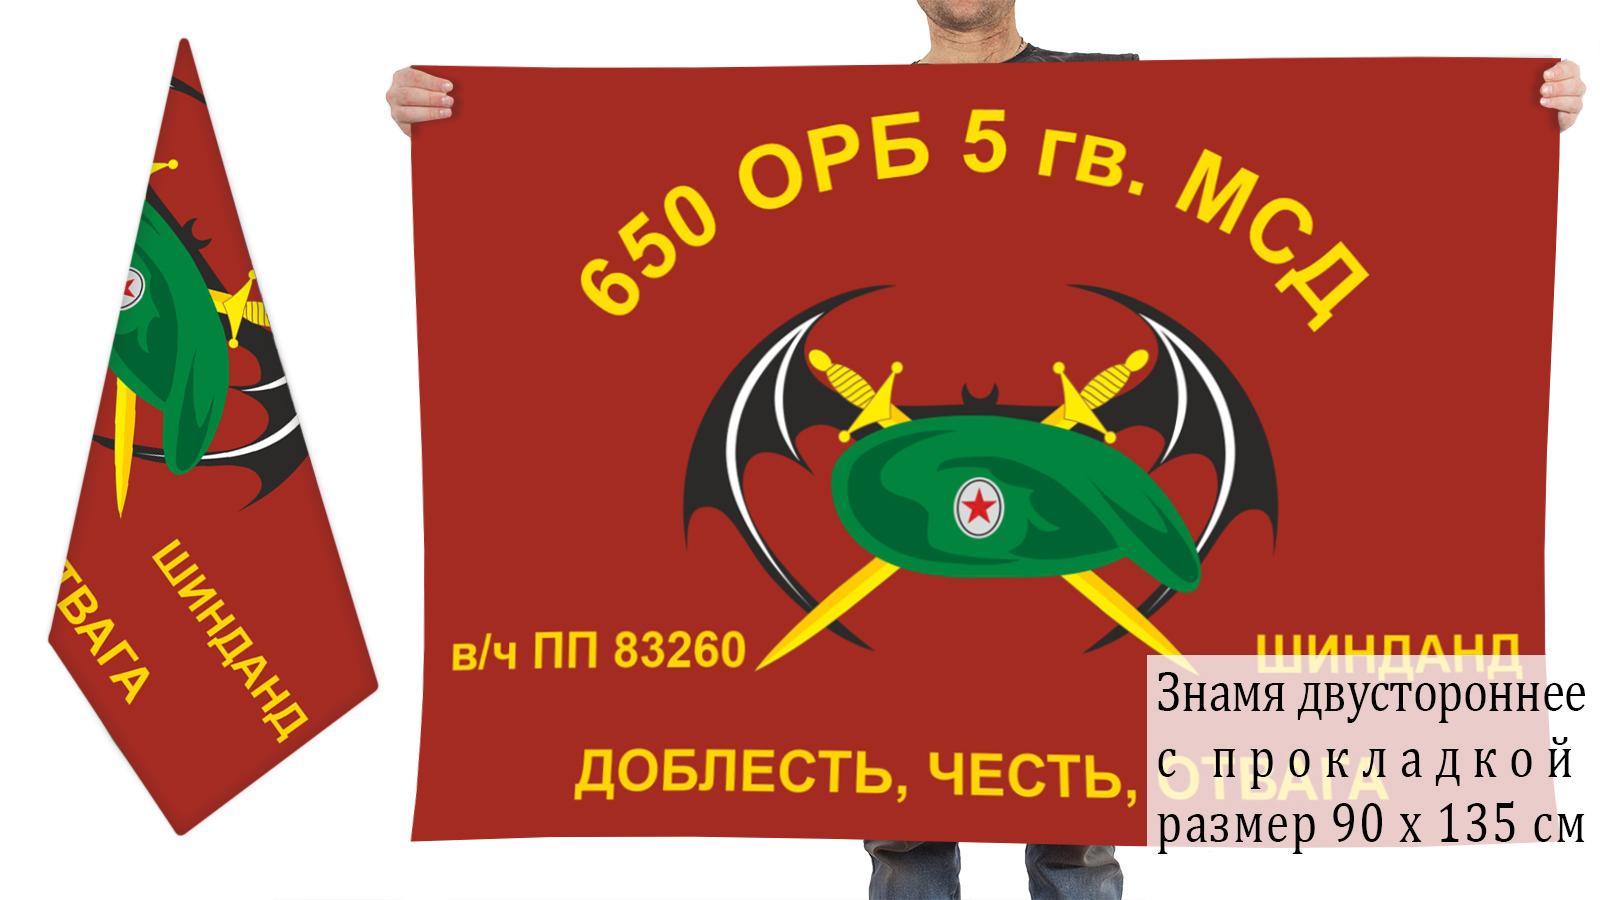 Двусторонний флаг 650 отдельного разведбата 5 МСД